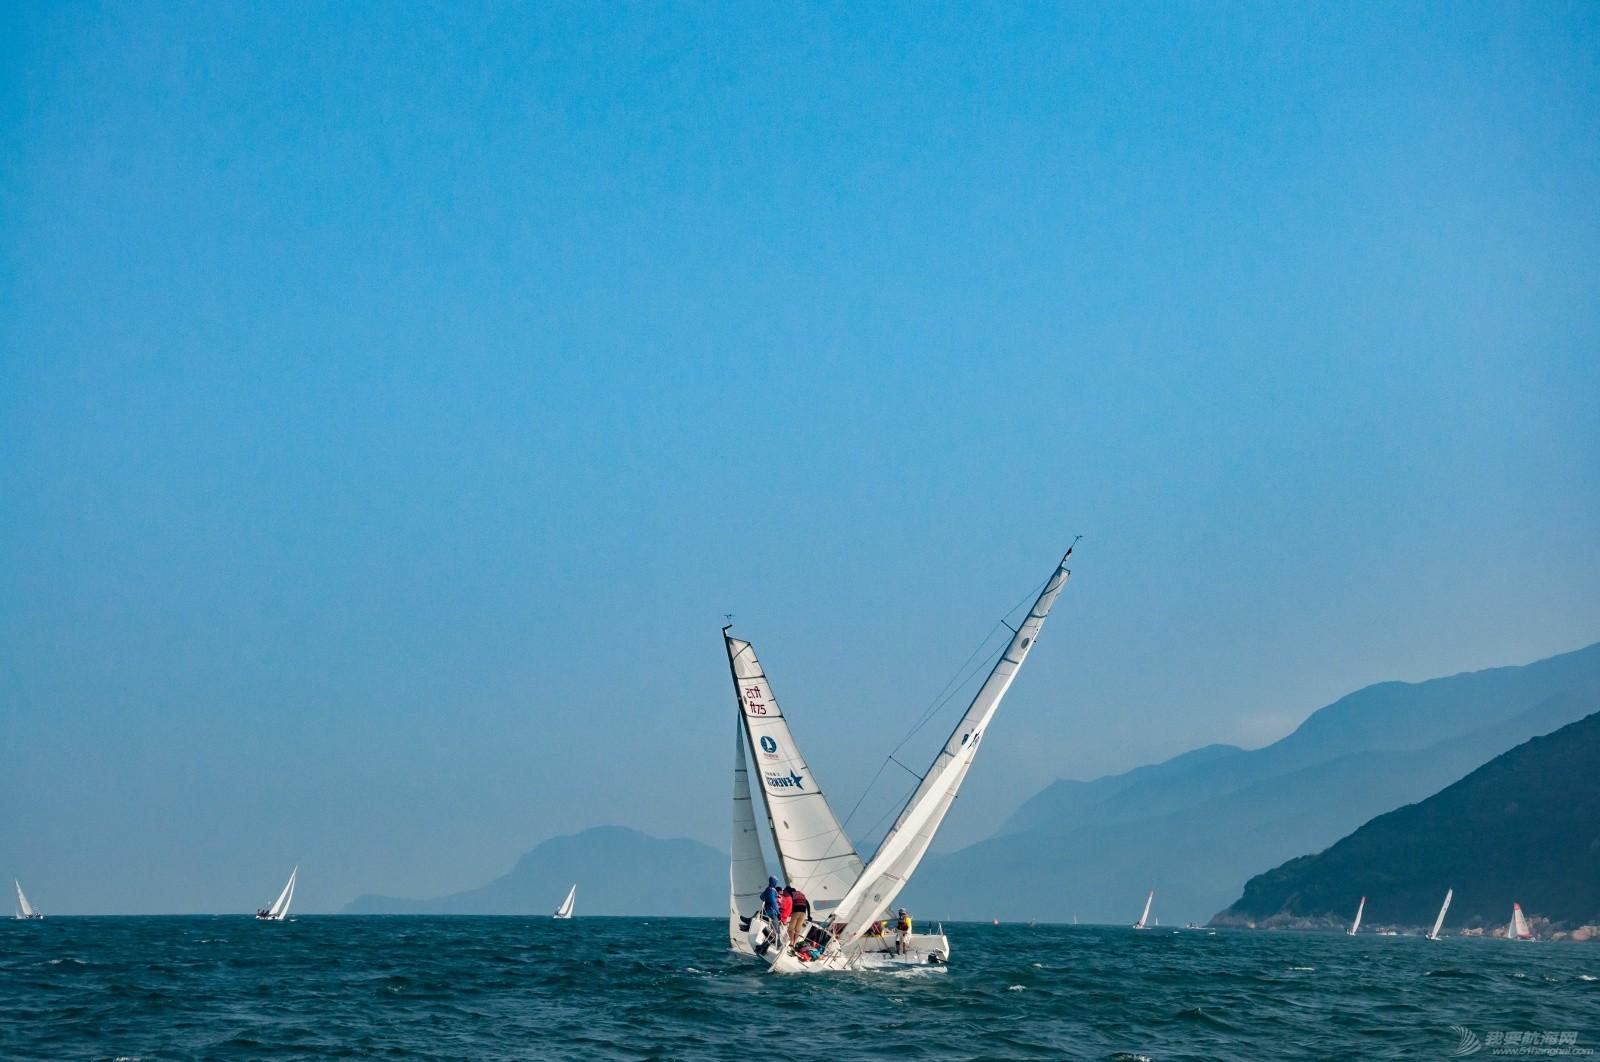 【2015大鹏杯帆船赛】22号下午第二辑(54图) s073.jpg